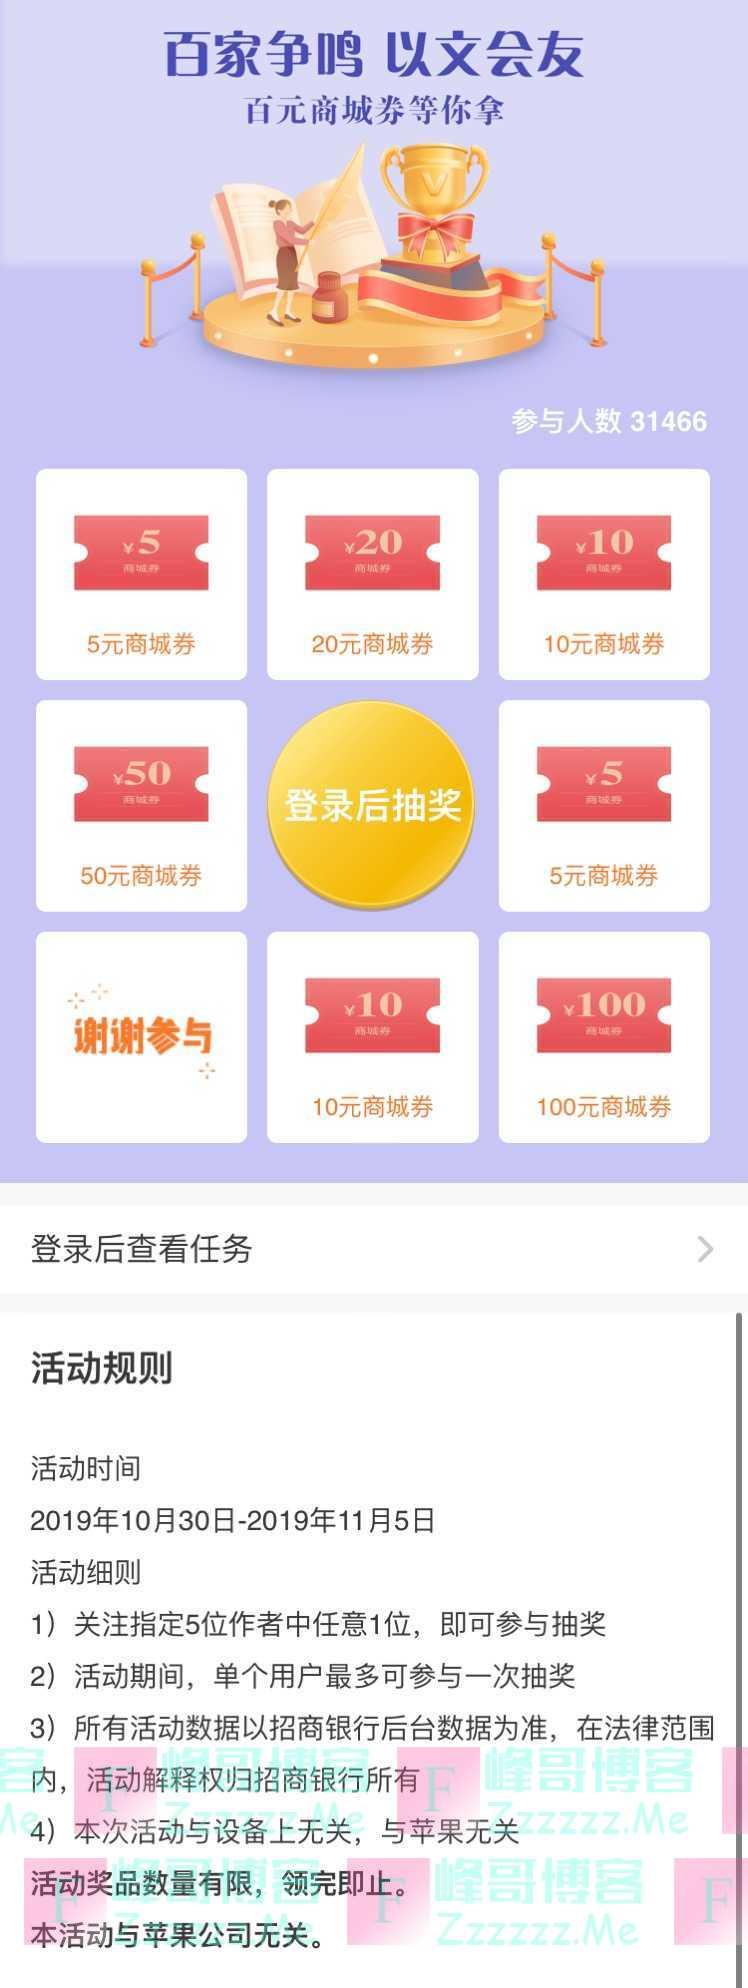 招商银行关注名家作者,赢百元神券(11月5日截止)